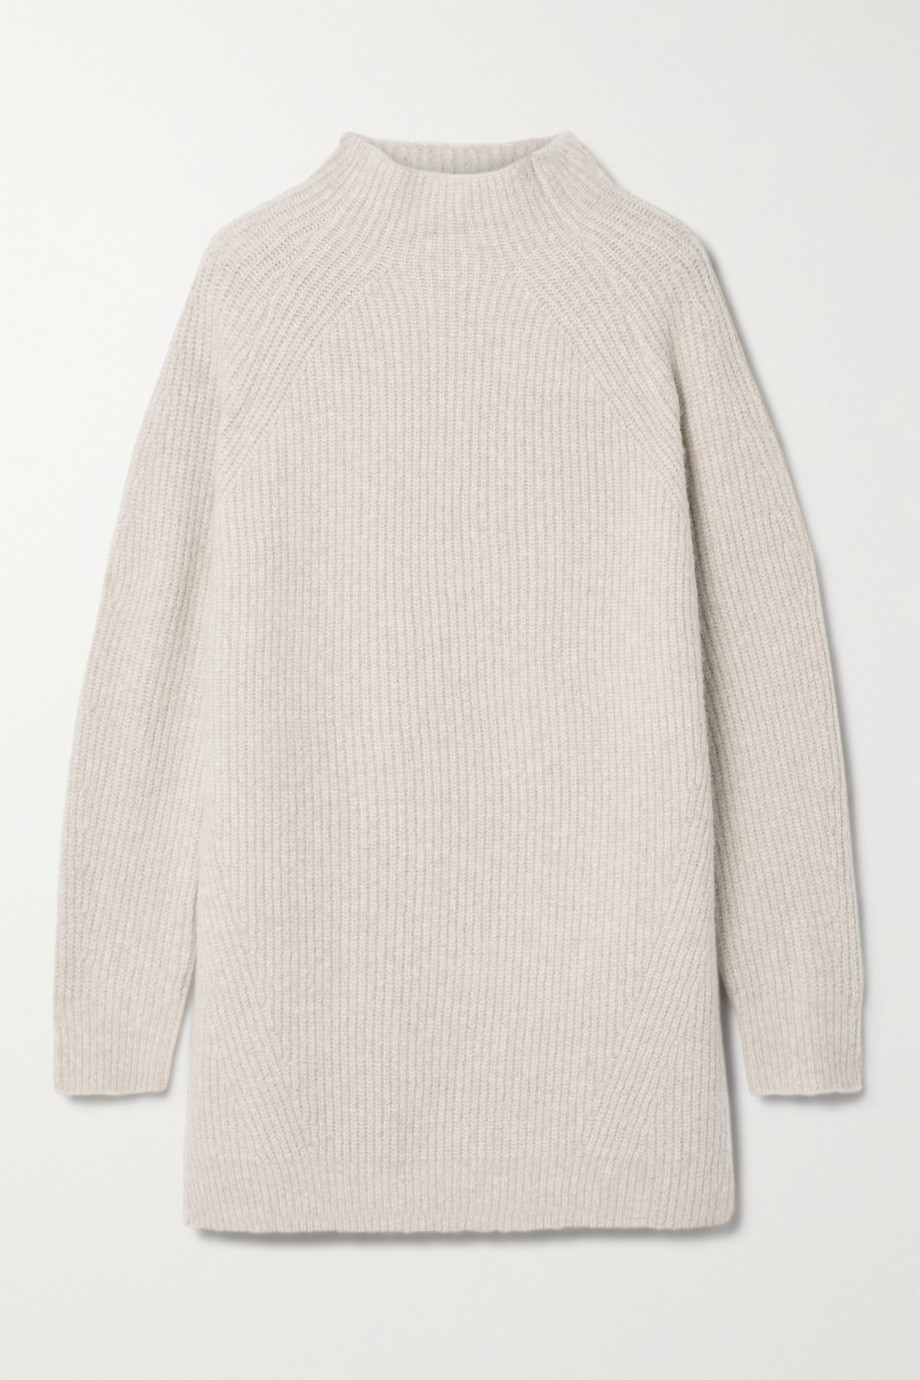 By Malene Birger Calea Oversized-Pullover aus einer gerippten Merinowollmischung mit Stehkragen